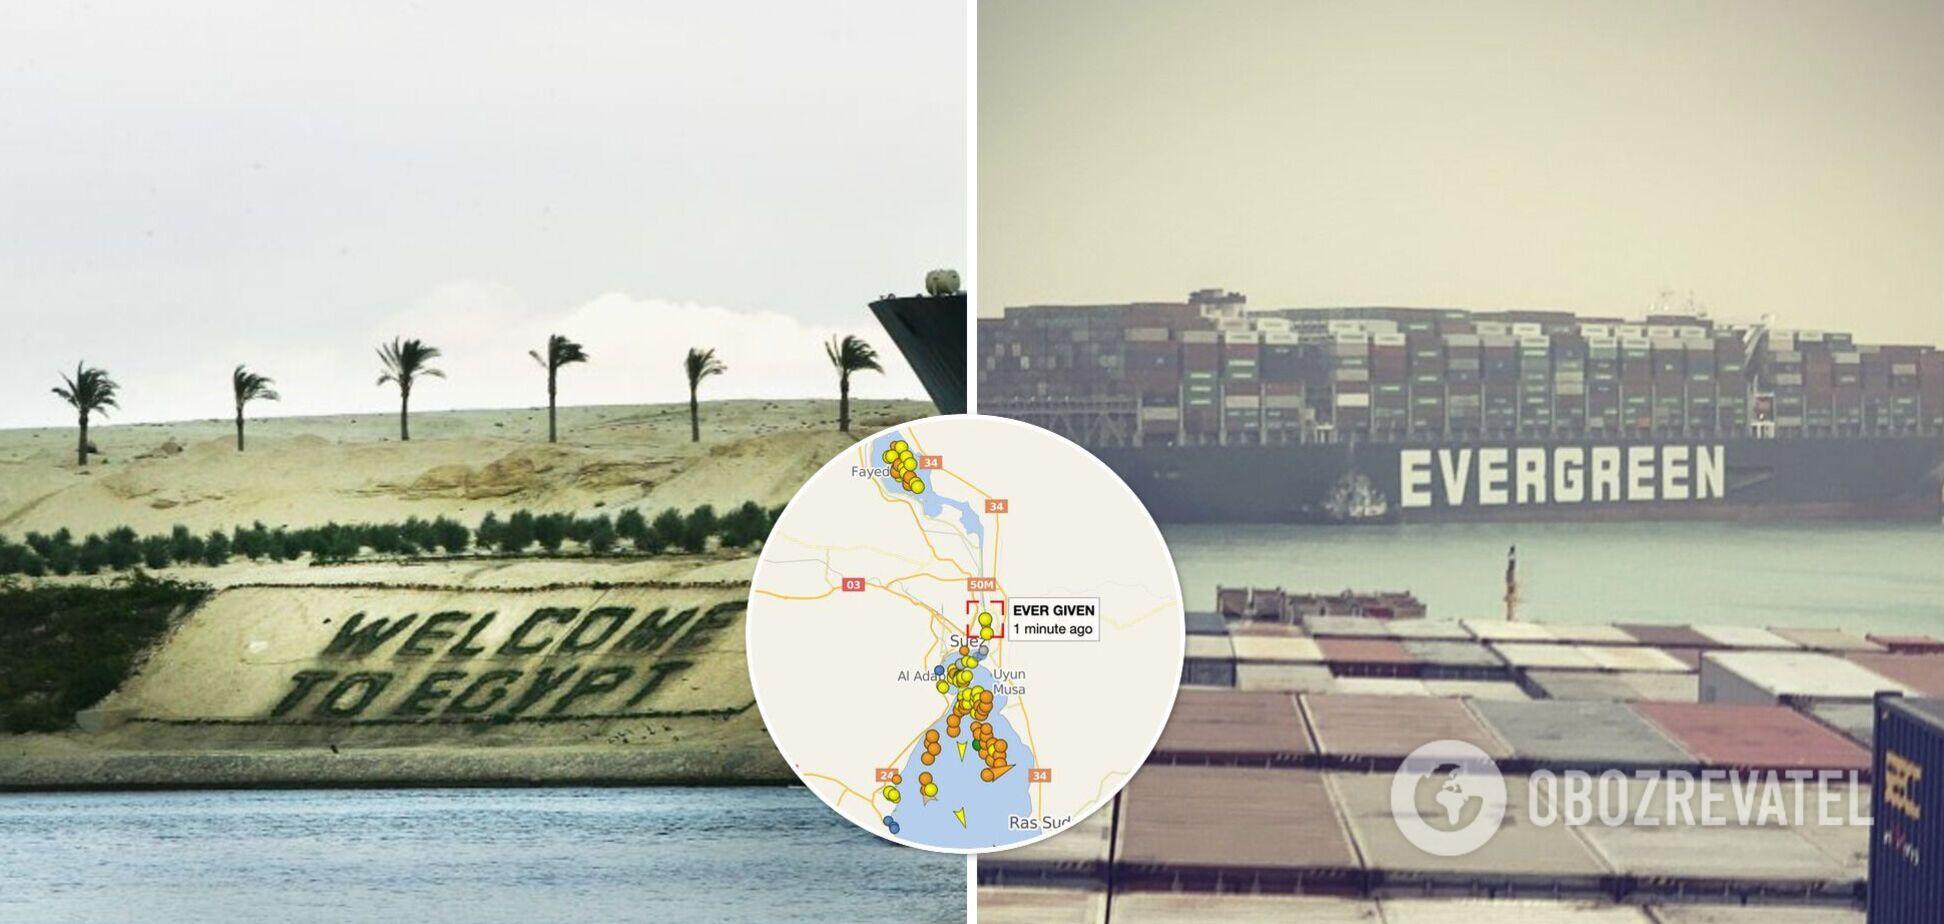 В Суэцком канале огромное судно село на мель и заблокировало движение. Фото